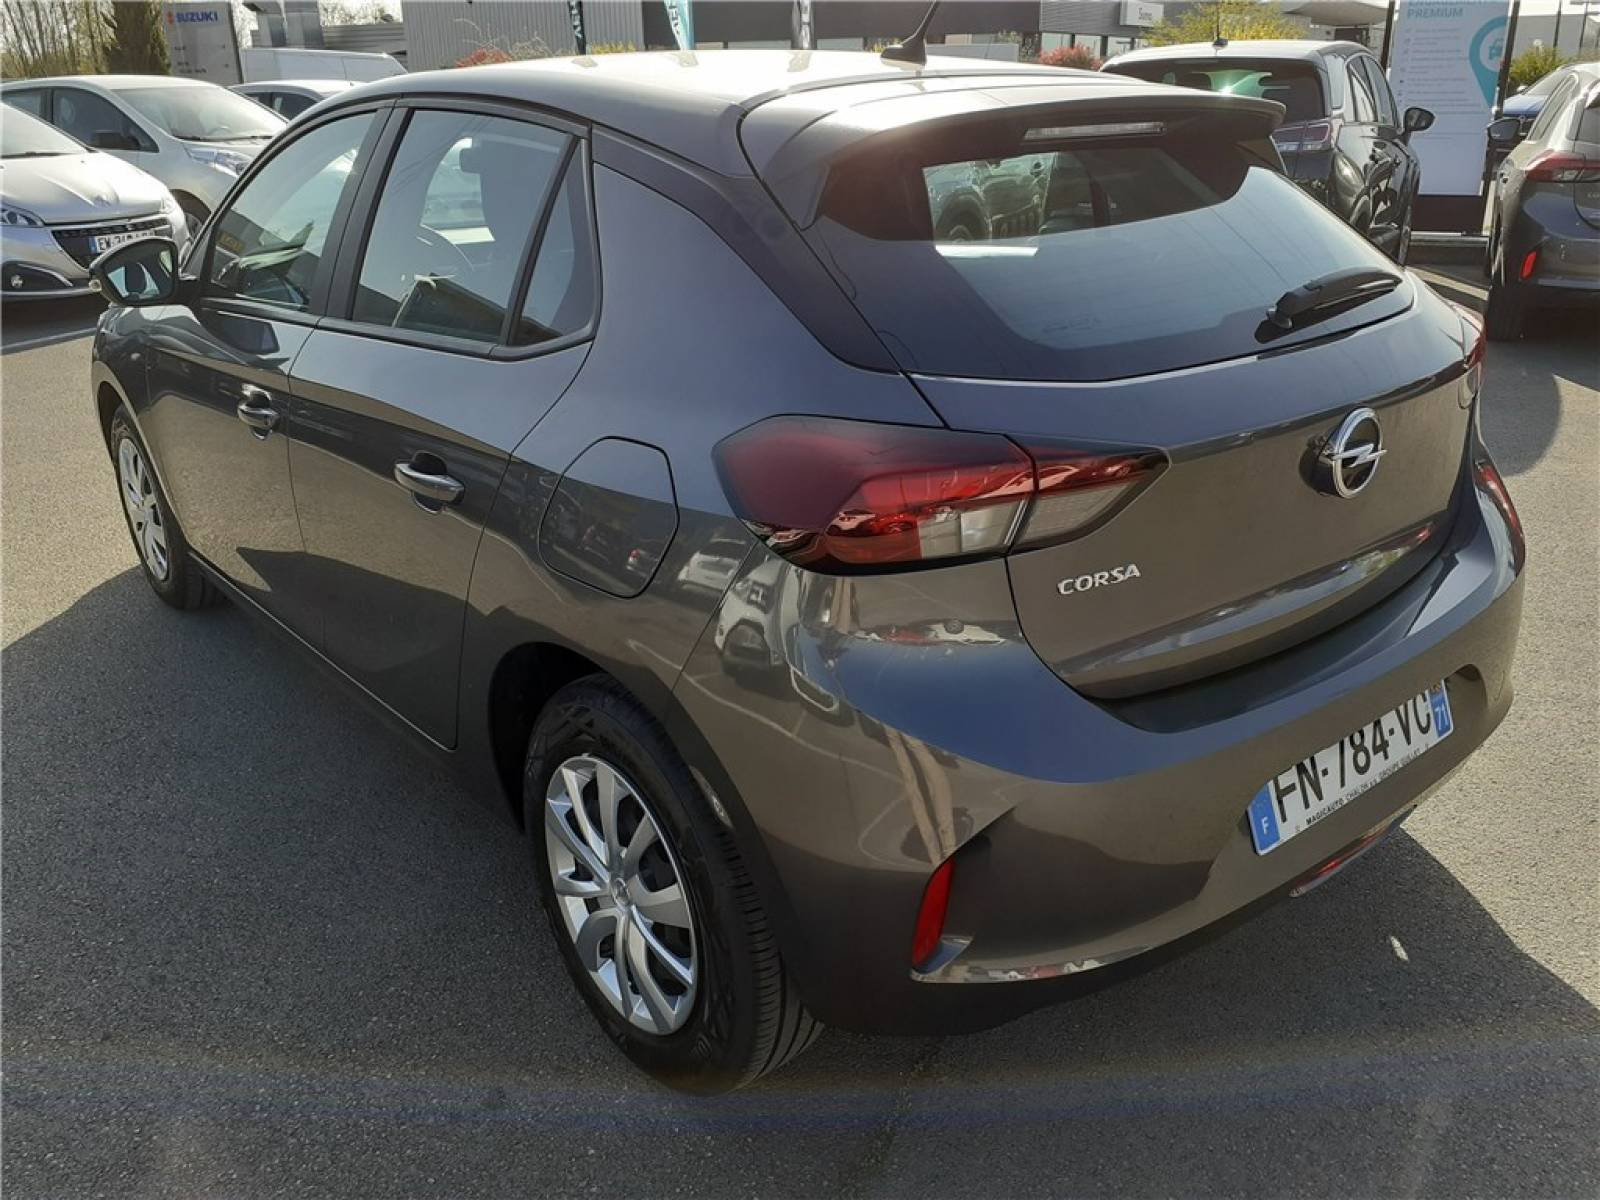 OPEL Corsa 1.2 75 ch BVM5 - véhicule d'occasion - Groupe Guillet - Opel Magicauto - Chalon-sur-Saône - 71380 - Saint-Marcel - 7